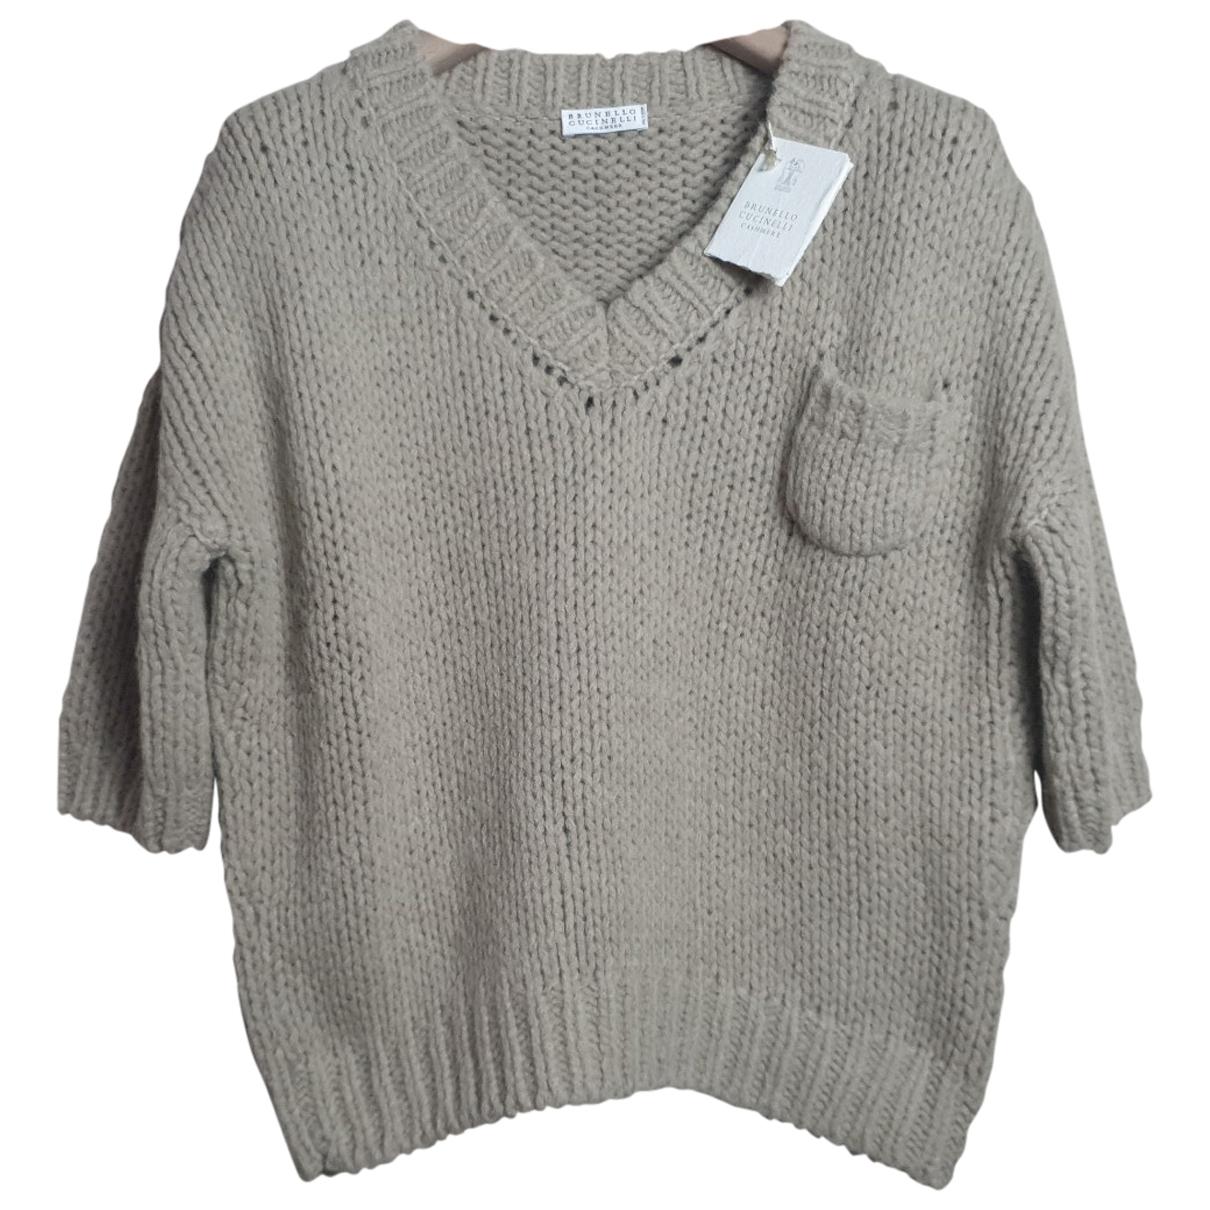 Brunello Cucinelli N Beige Wool Knitwear for Women M International